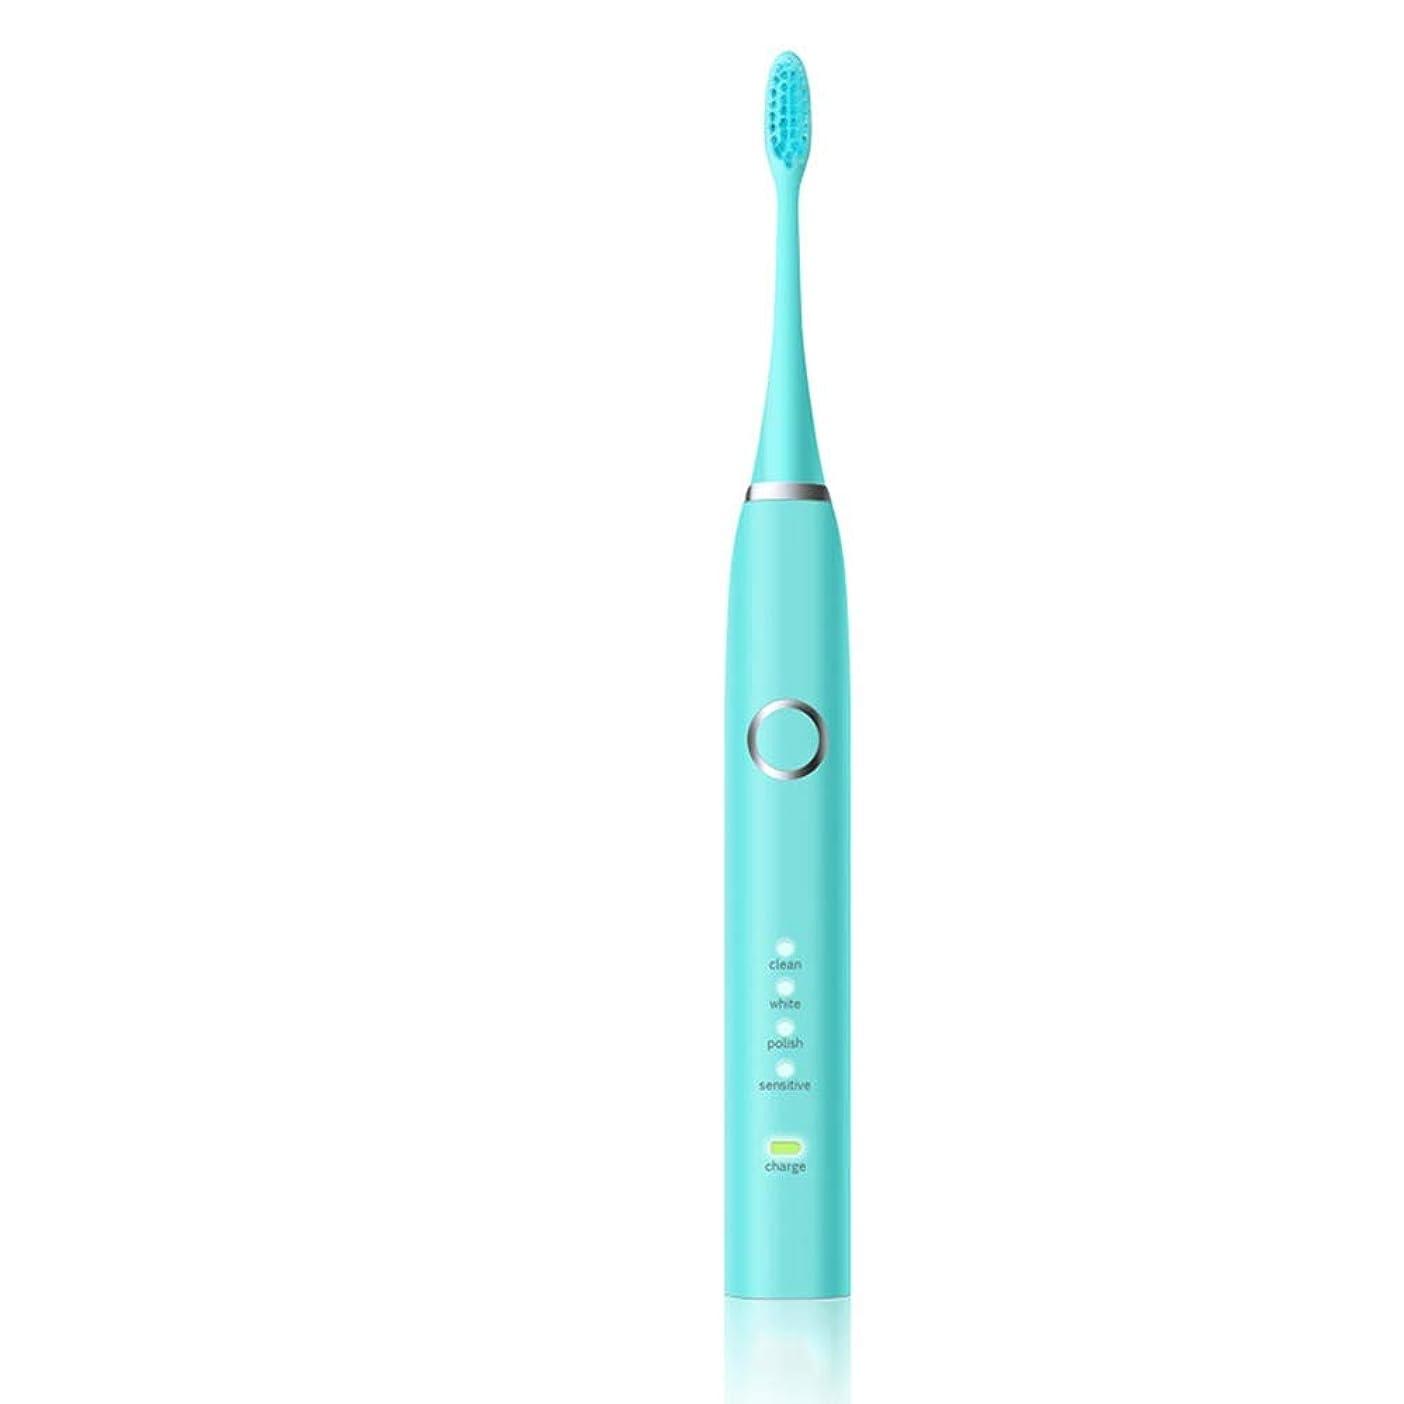 ハリウッド差登場歯ブラシを白くするUSB??の充満基礎ホルダーの柔らかい毛と防水電動歯ブラシ (色 : 緑, サイズ : Free size)